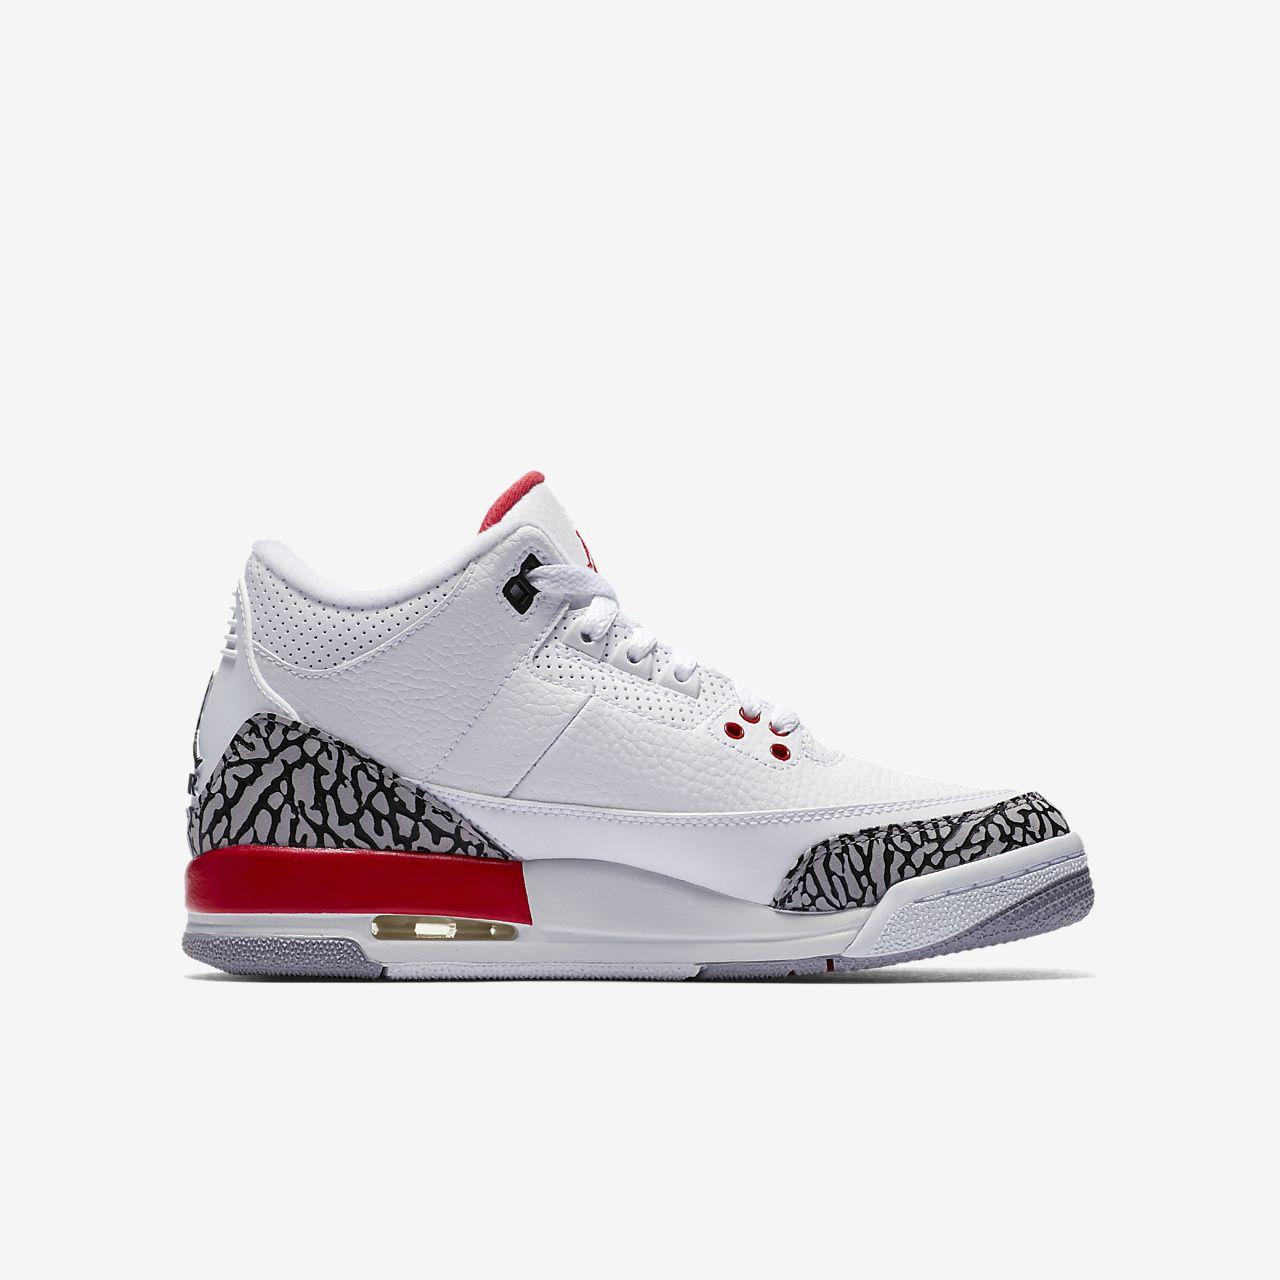 ... Chaussure Air Jordan 3 Retro pour Enfant